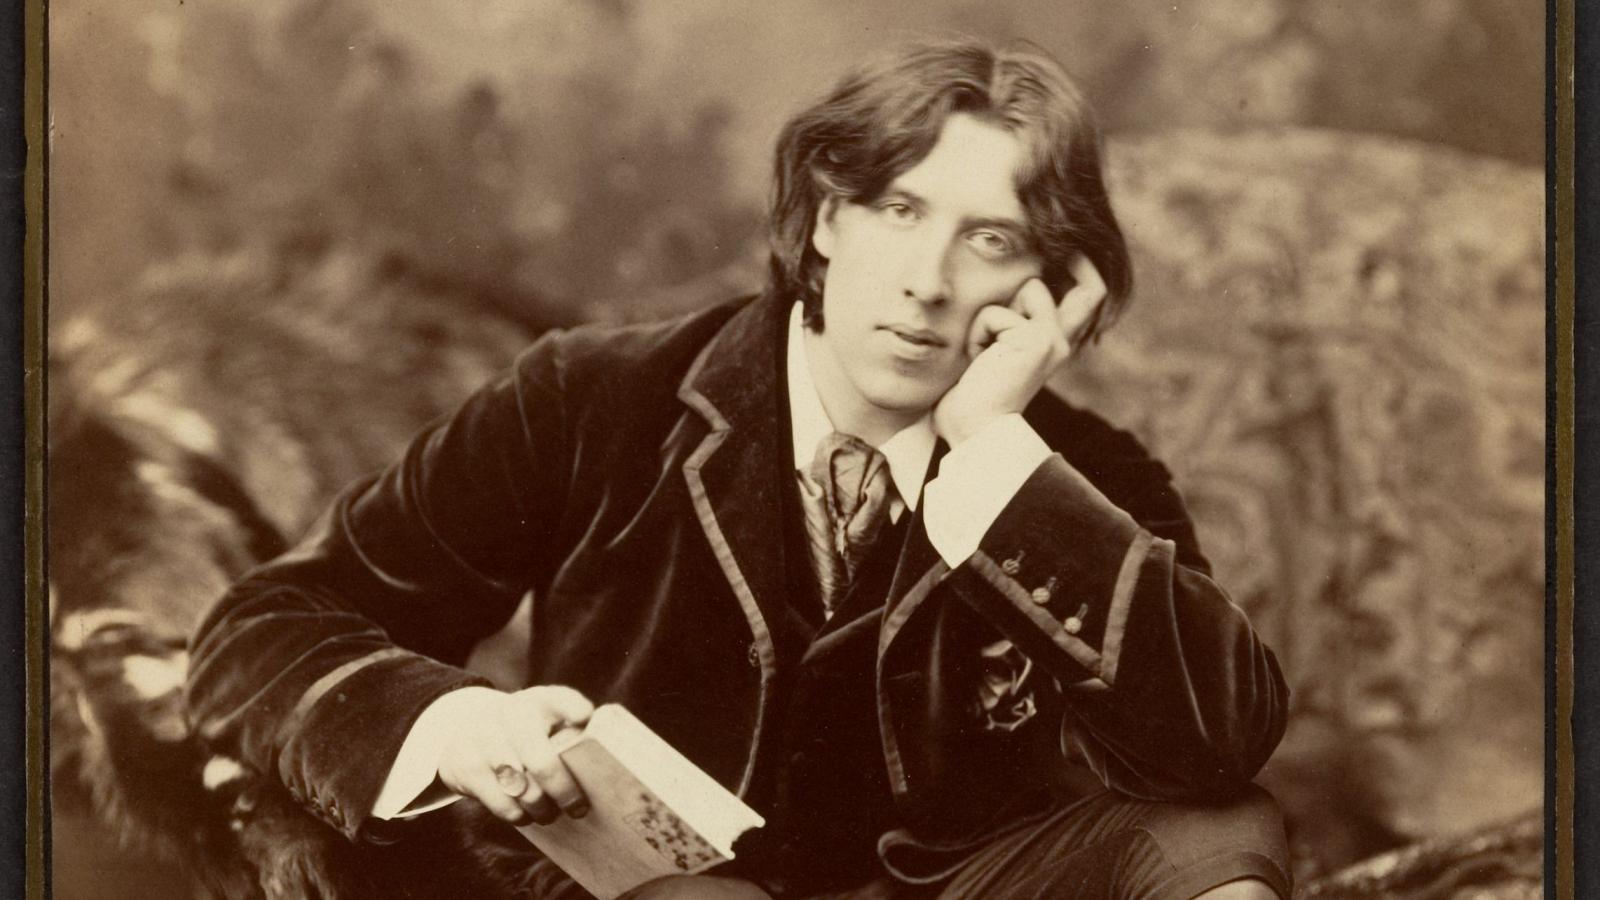 Hà Thủy Nguyên phỏng vấn giáo sư E.San Juan, Jr: Ý thức chính trị và nguyên tắc tự do trong văn chương Oscar Wilde